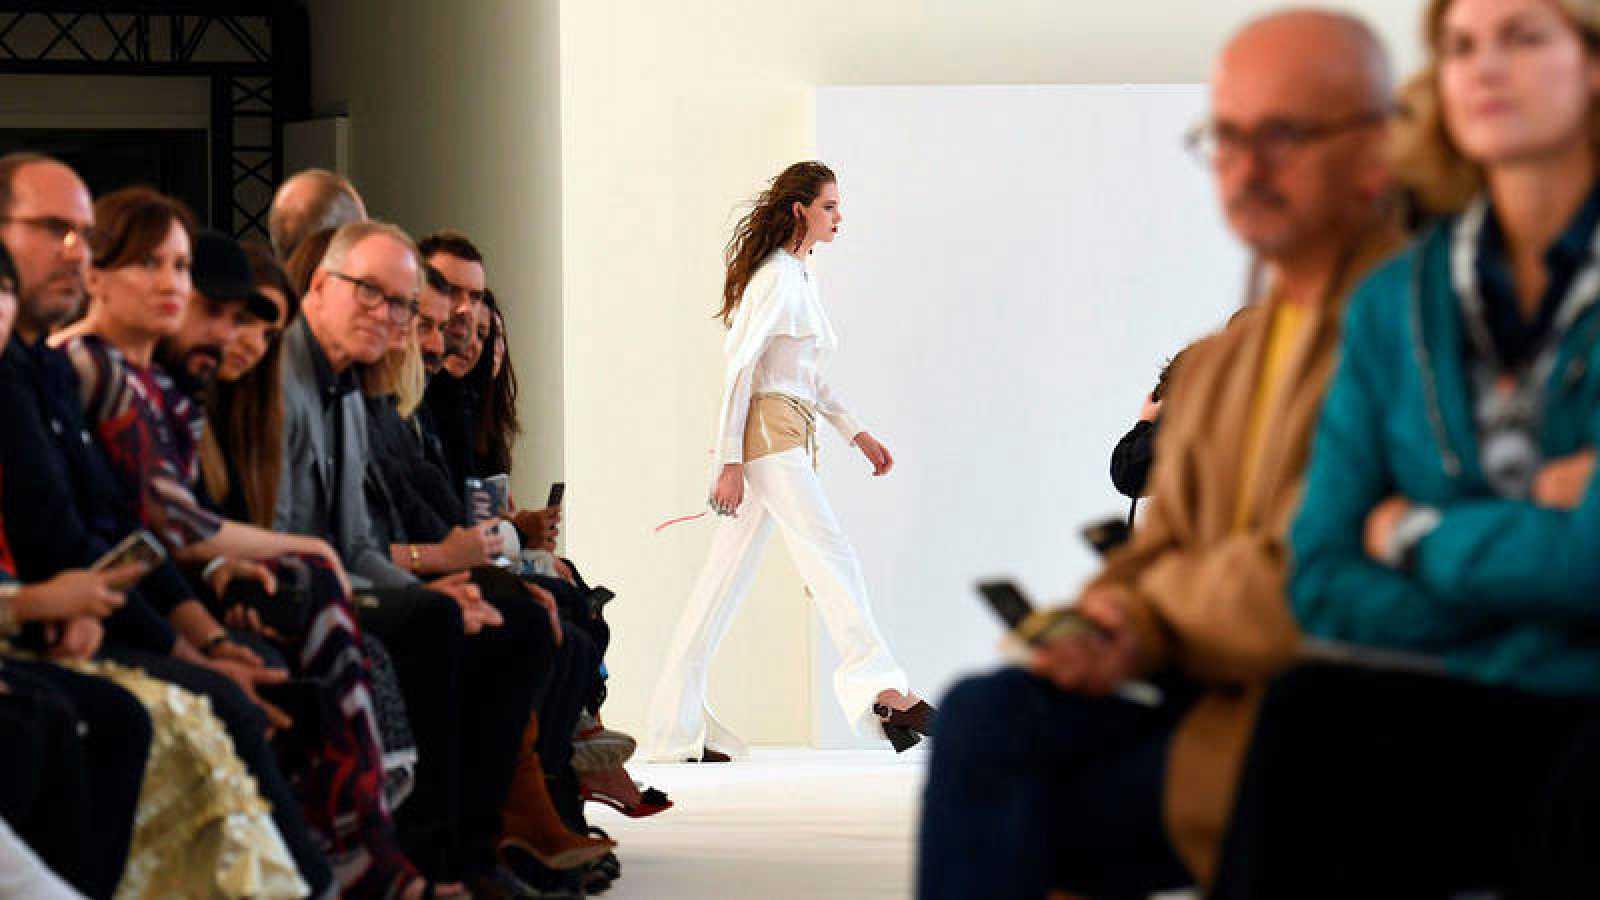 Paris Fashion Week | La moda pasa y el estilo, ahora, también - RTVE.es